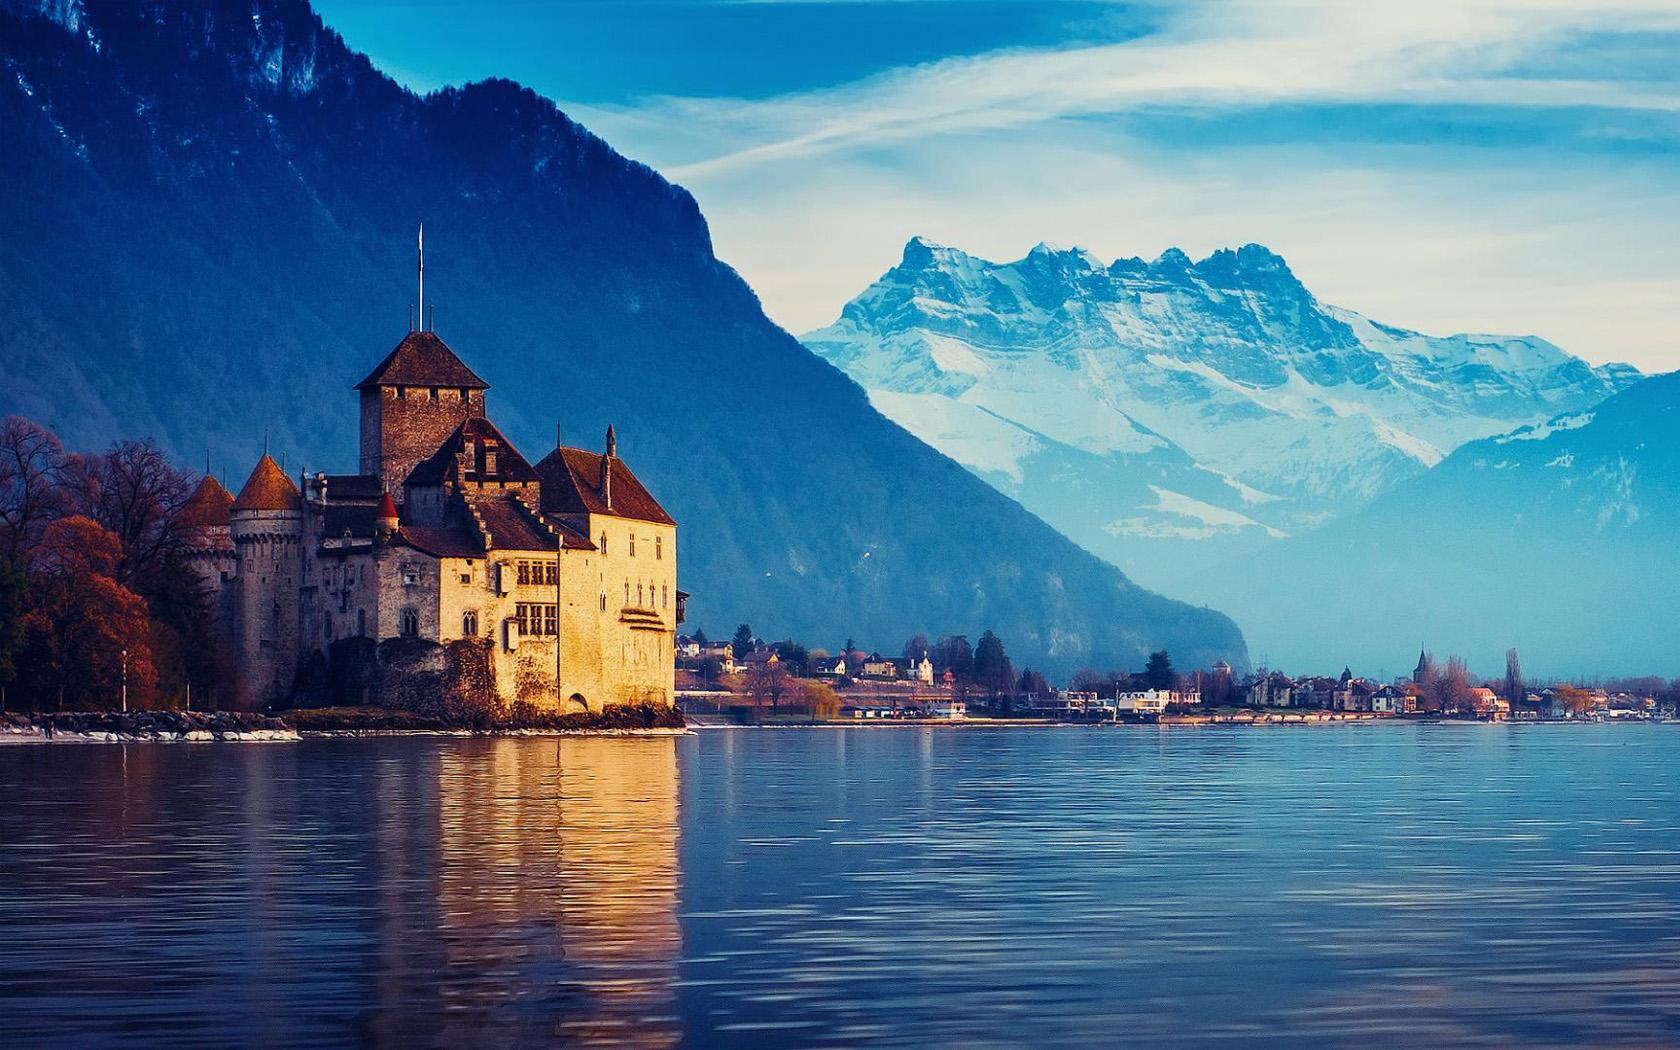 瑞士日内瓦